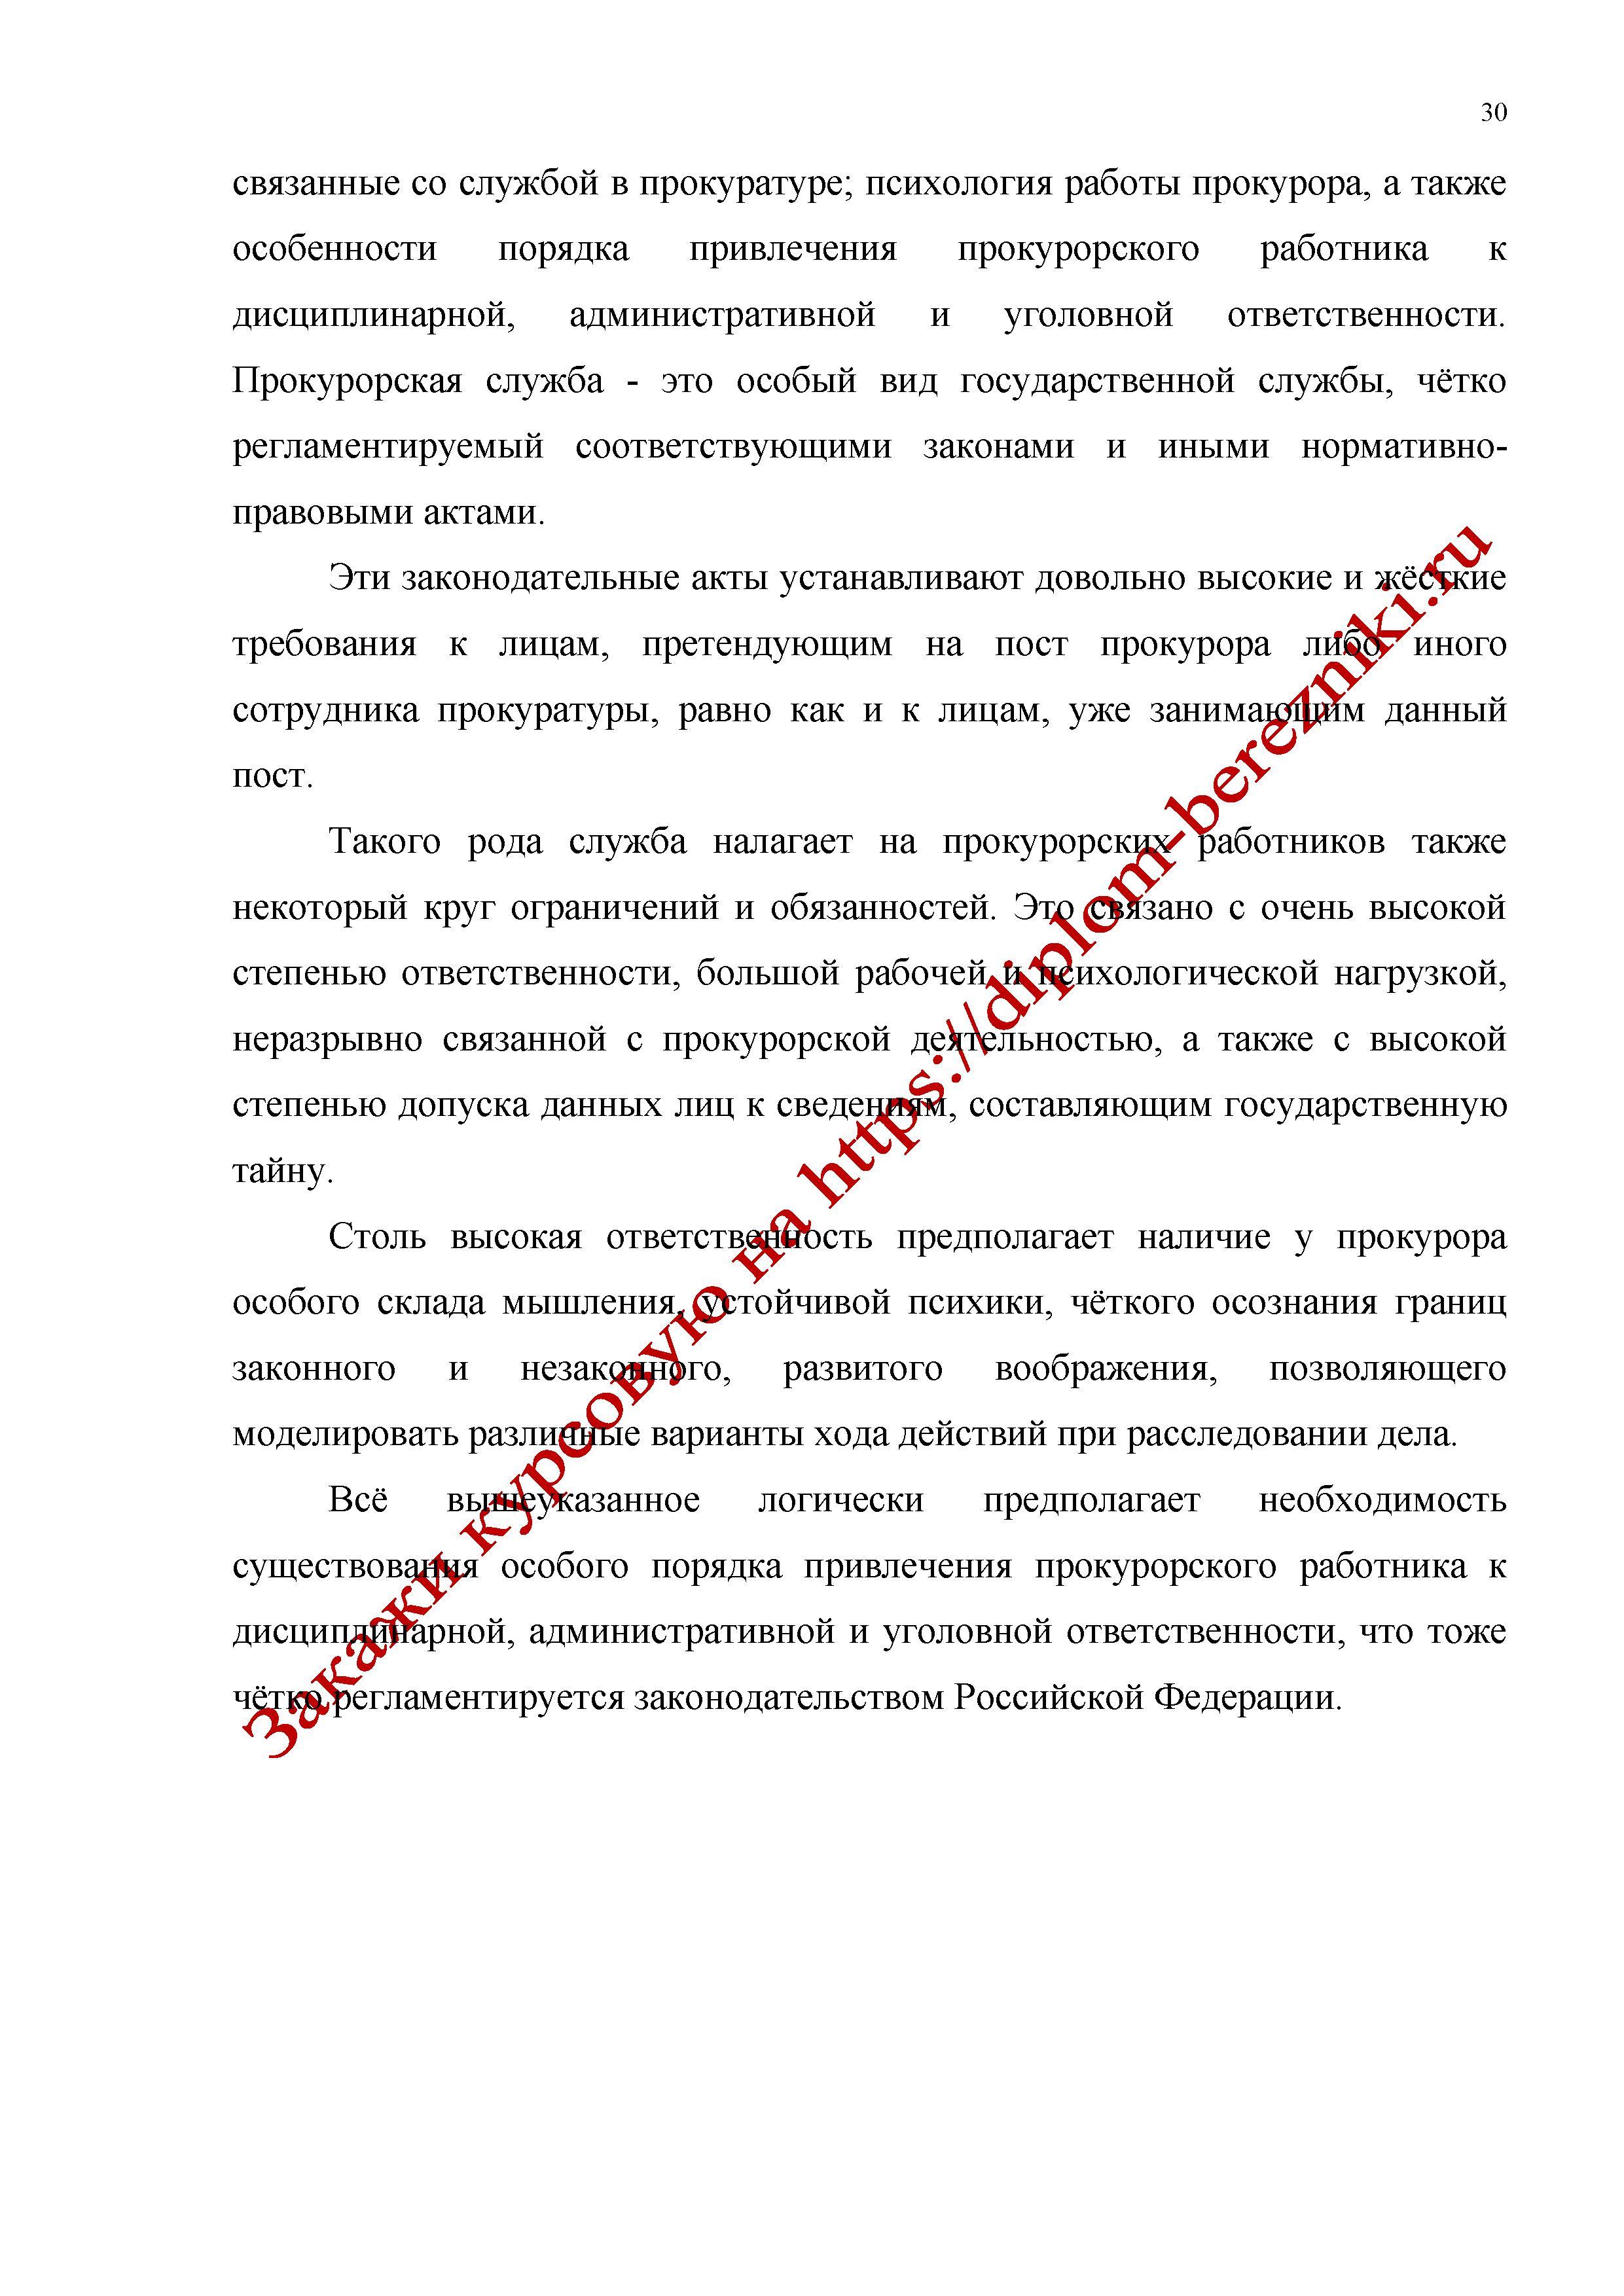 Генеральный прокурор Российской Федерации несет ответственность за выполнение задач